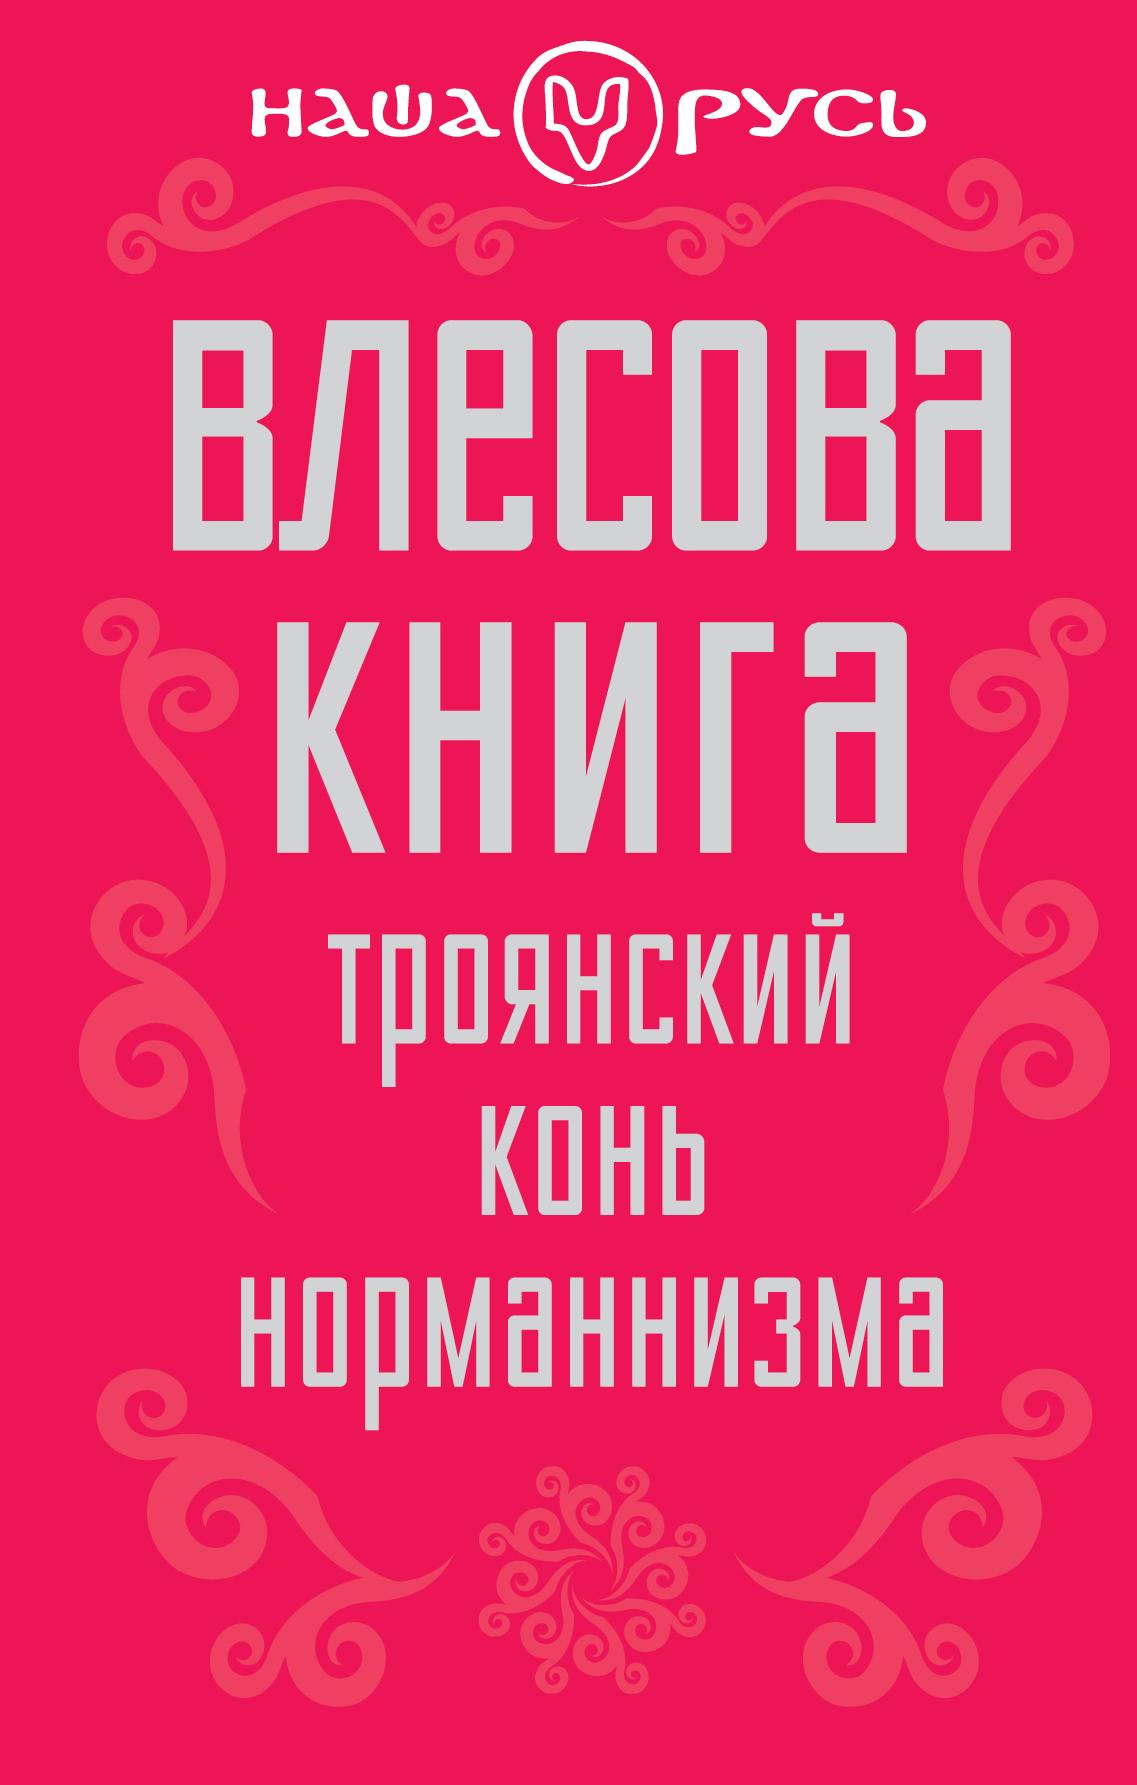 Влесова книга. Троянский конь норманнизма ( Чернов В.М.  )